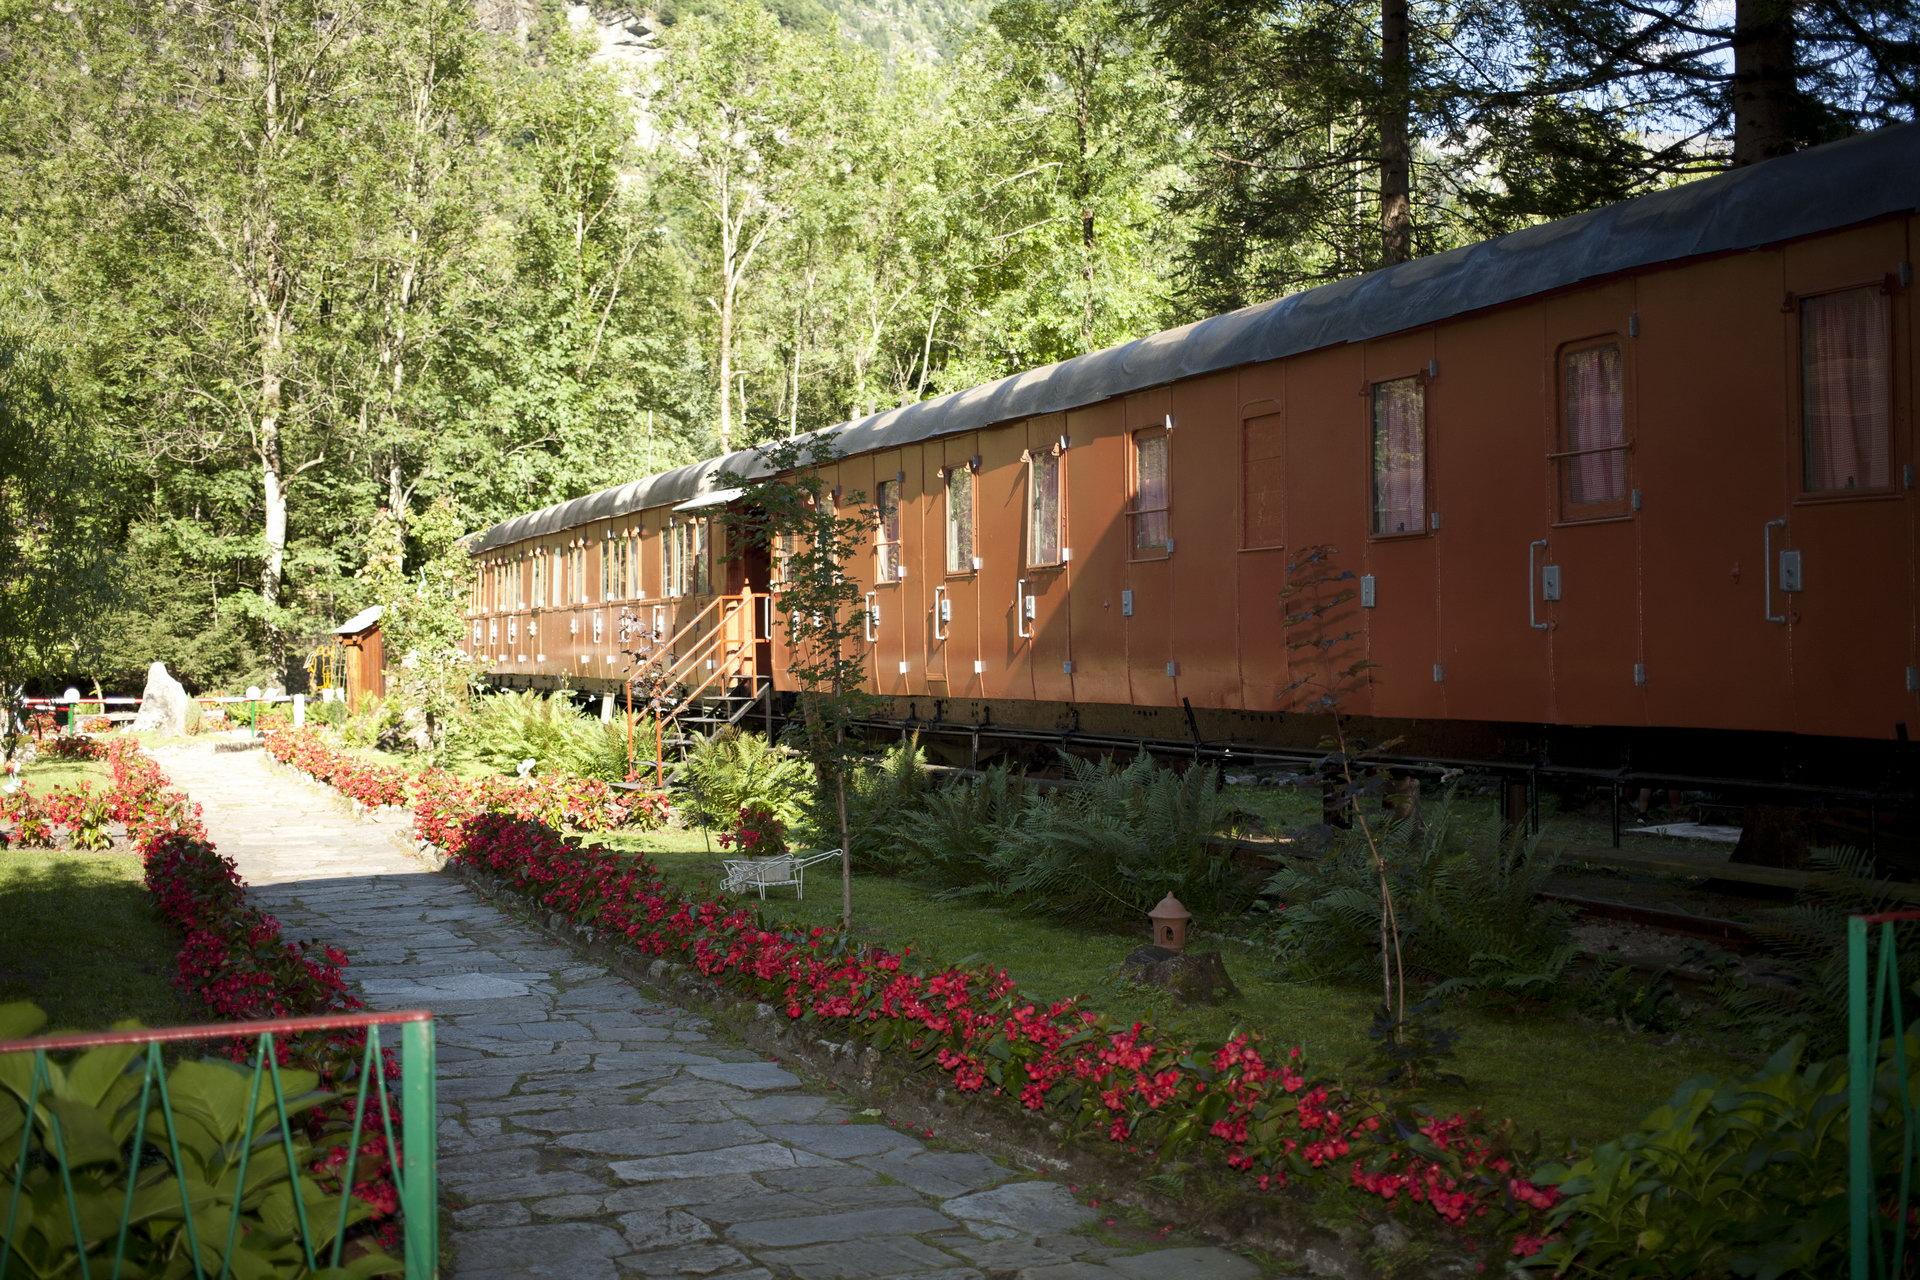 Photo of In Val Formazza, le vecchie carrozze sono diventate confortevoli camere dove alloggiare